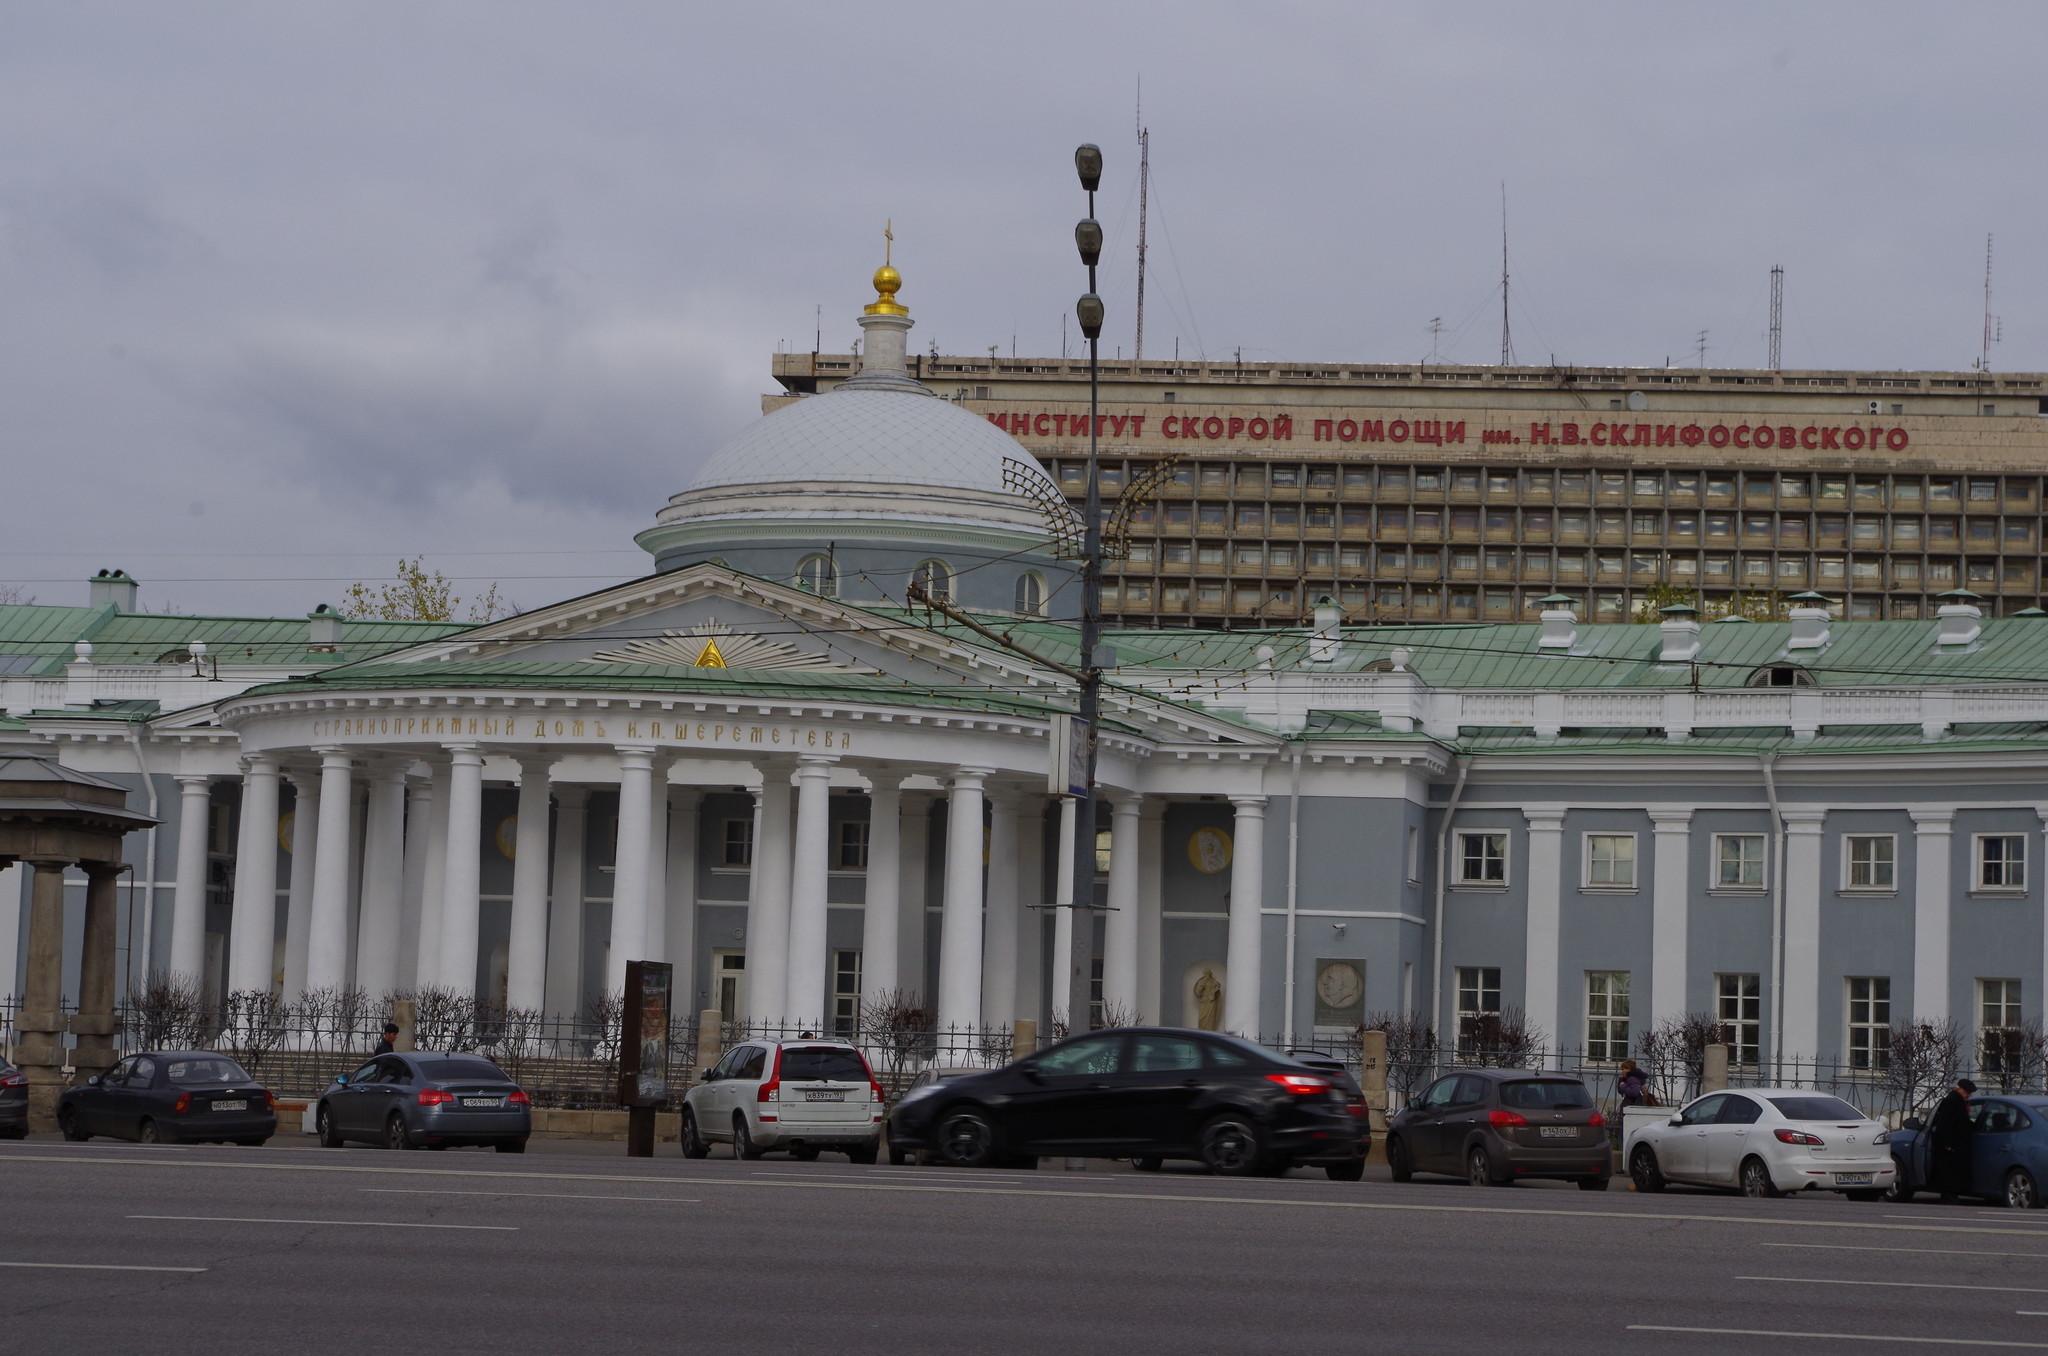 Московский городской научно-исследовательский институт скорой помощи имени Н.В. Склифосовского (Сухаревская площадь, дом 3, корпус 1)